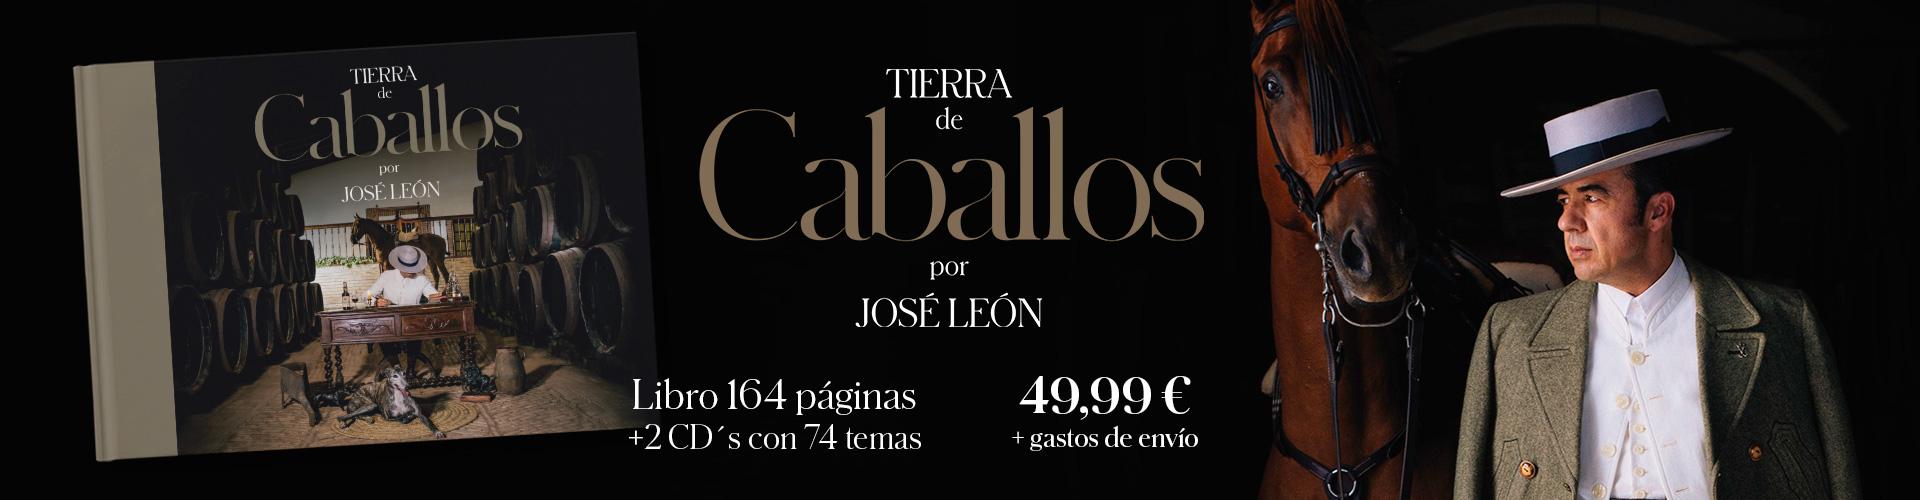 Tierra de Caballos, el nuevo libro-disco de José León